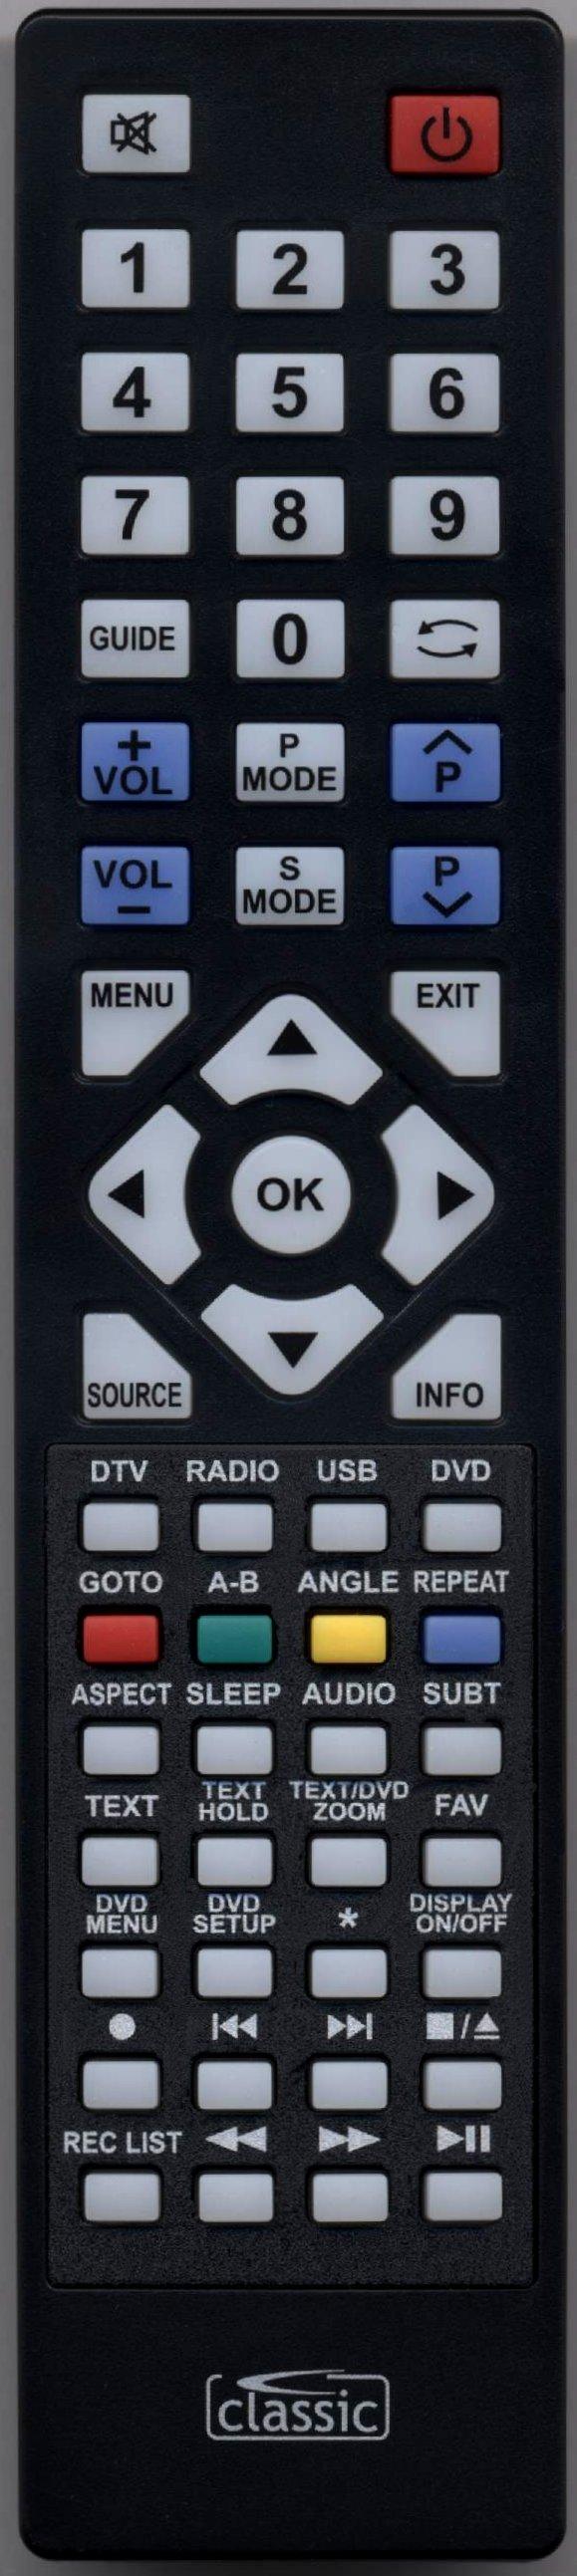 BLAUPUNKT 32148ZGB11BGKDUUK Remote Control